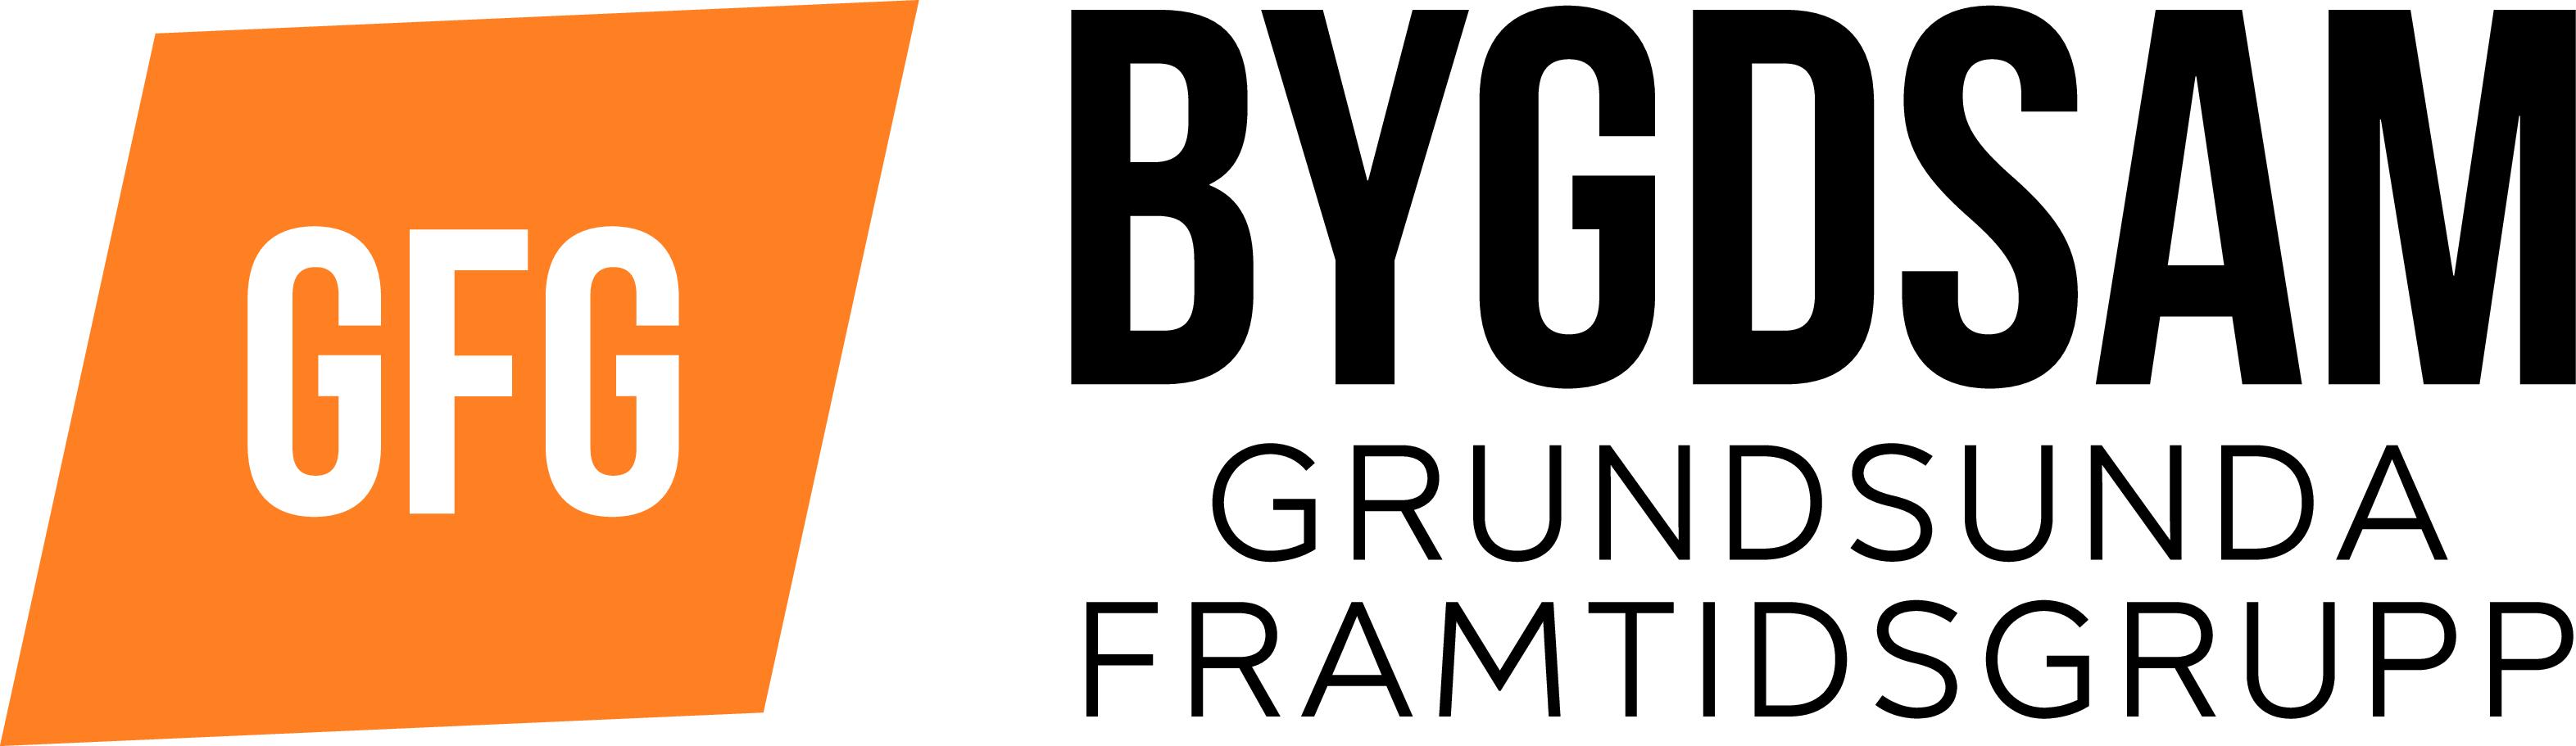 GFG BYGDSAM